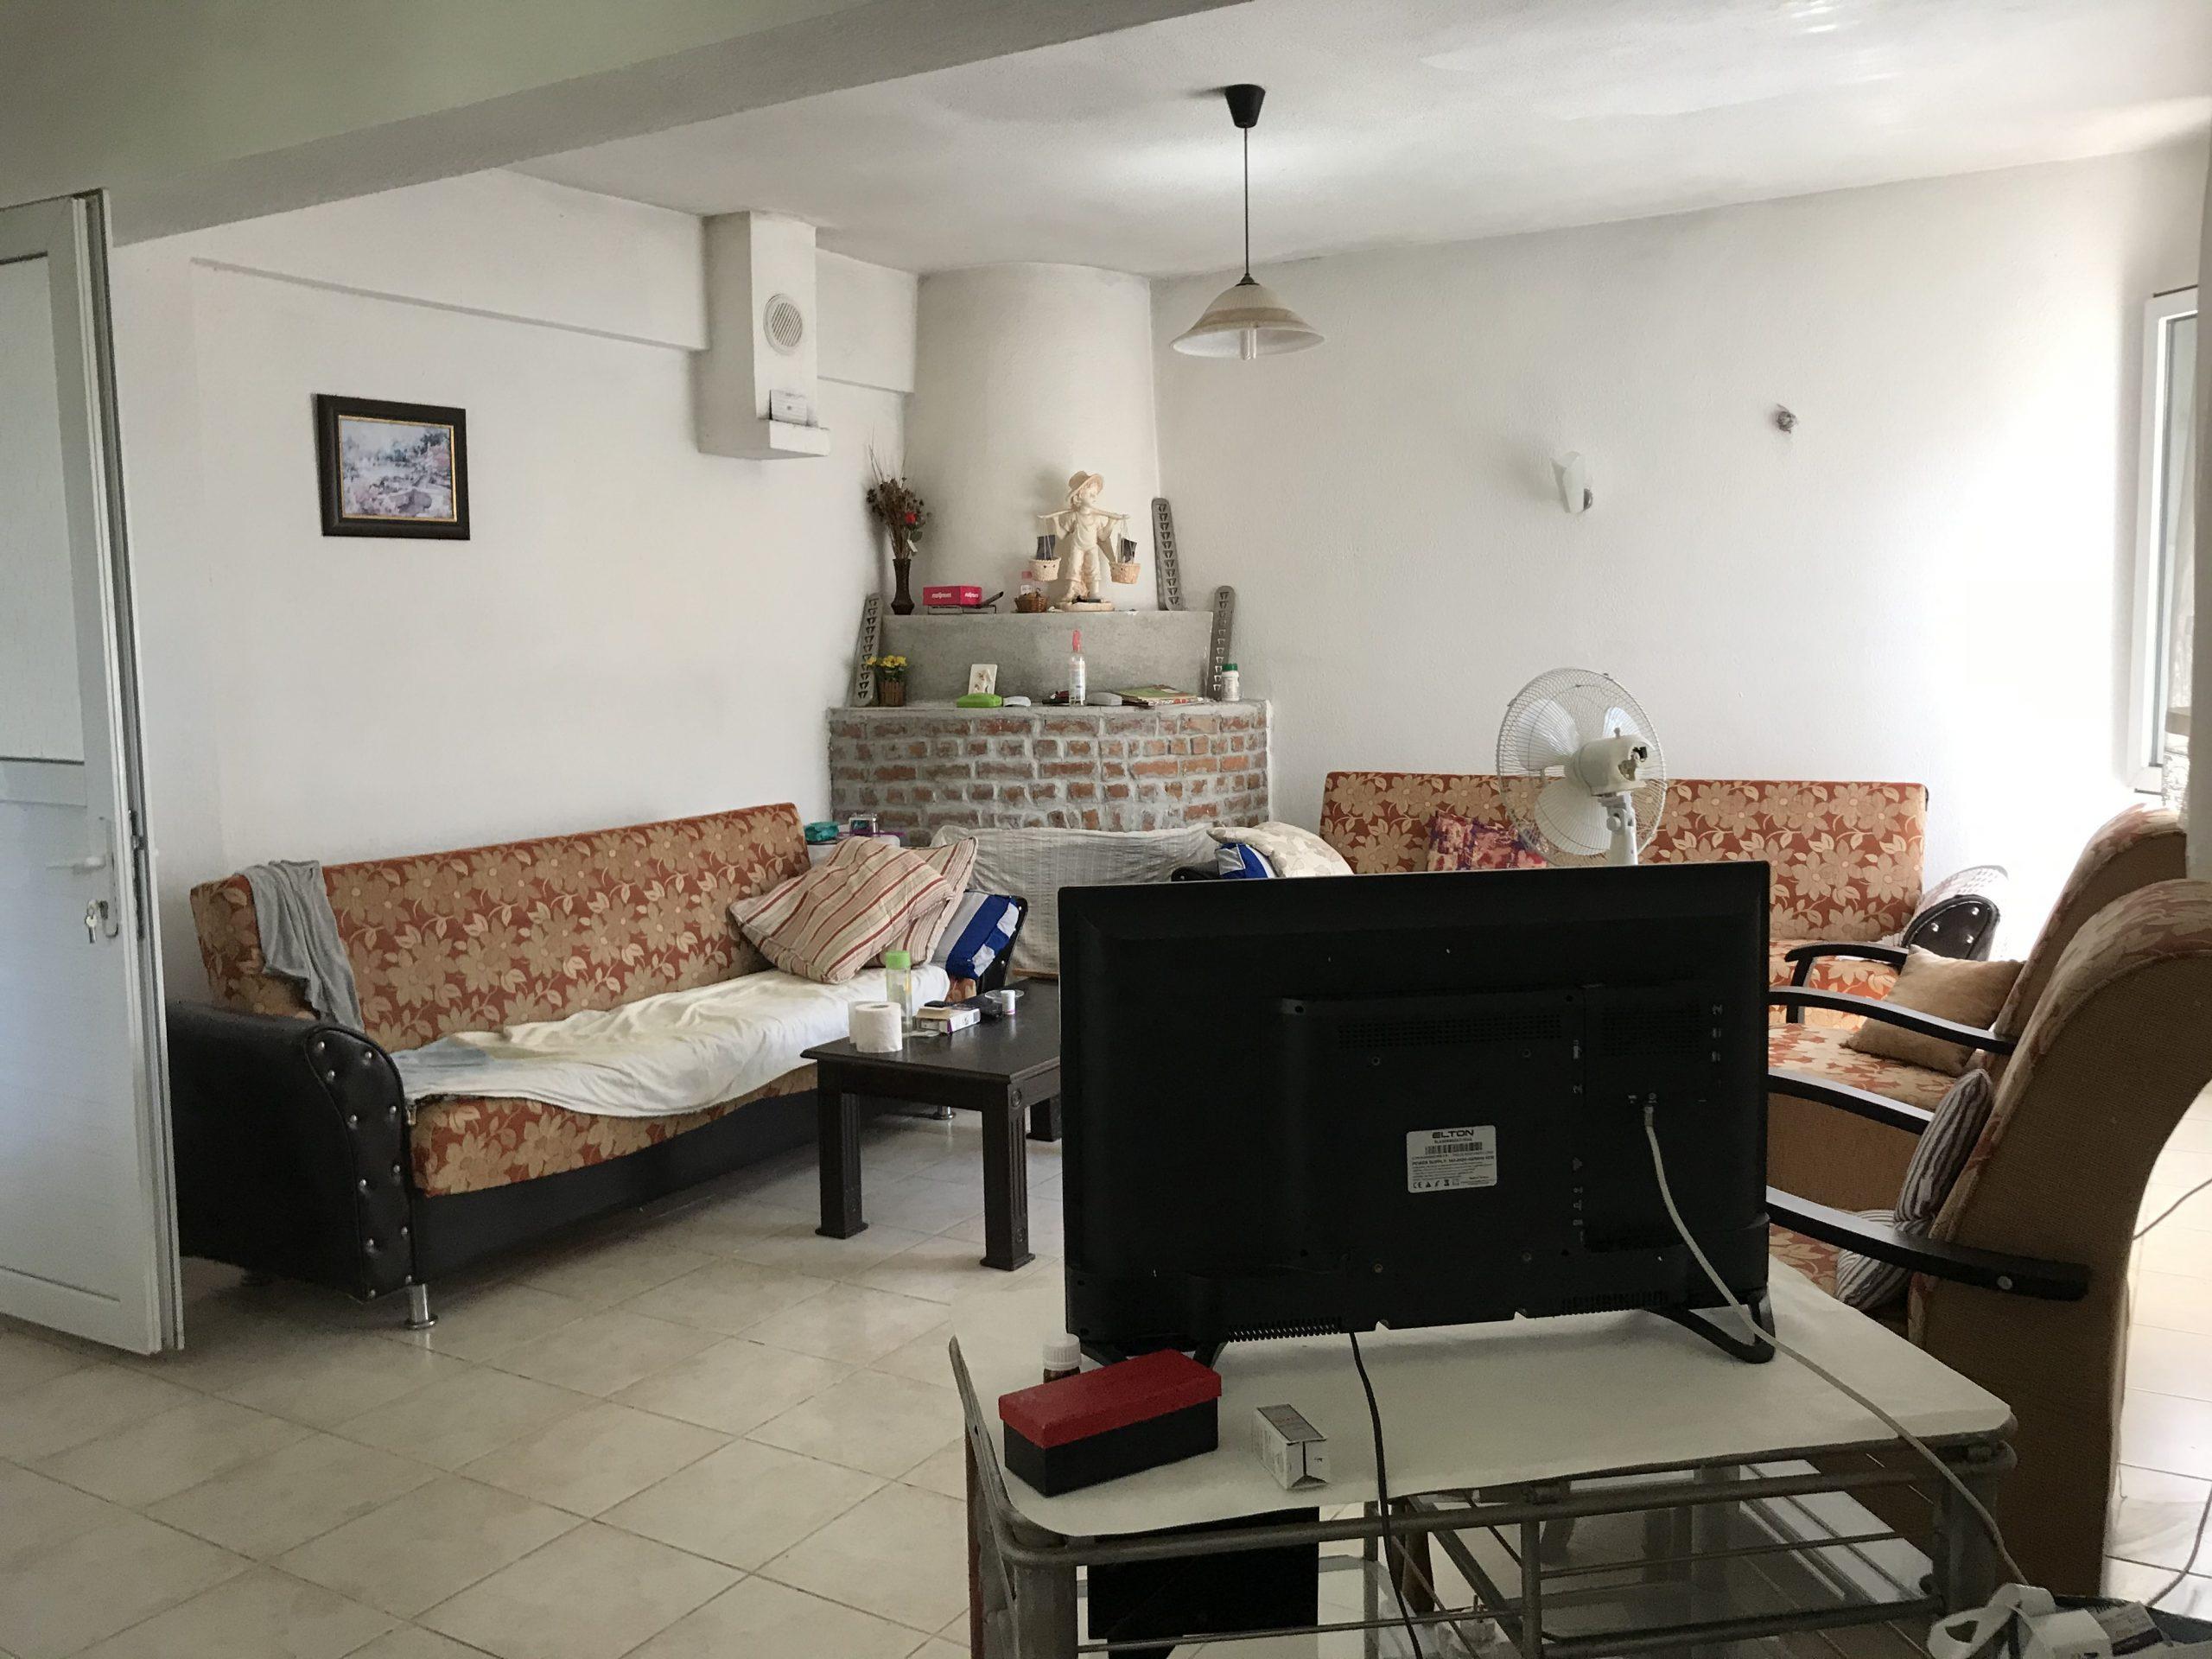 754 m2 Arsa içinde Satılık Müstakil Ev